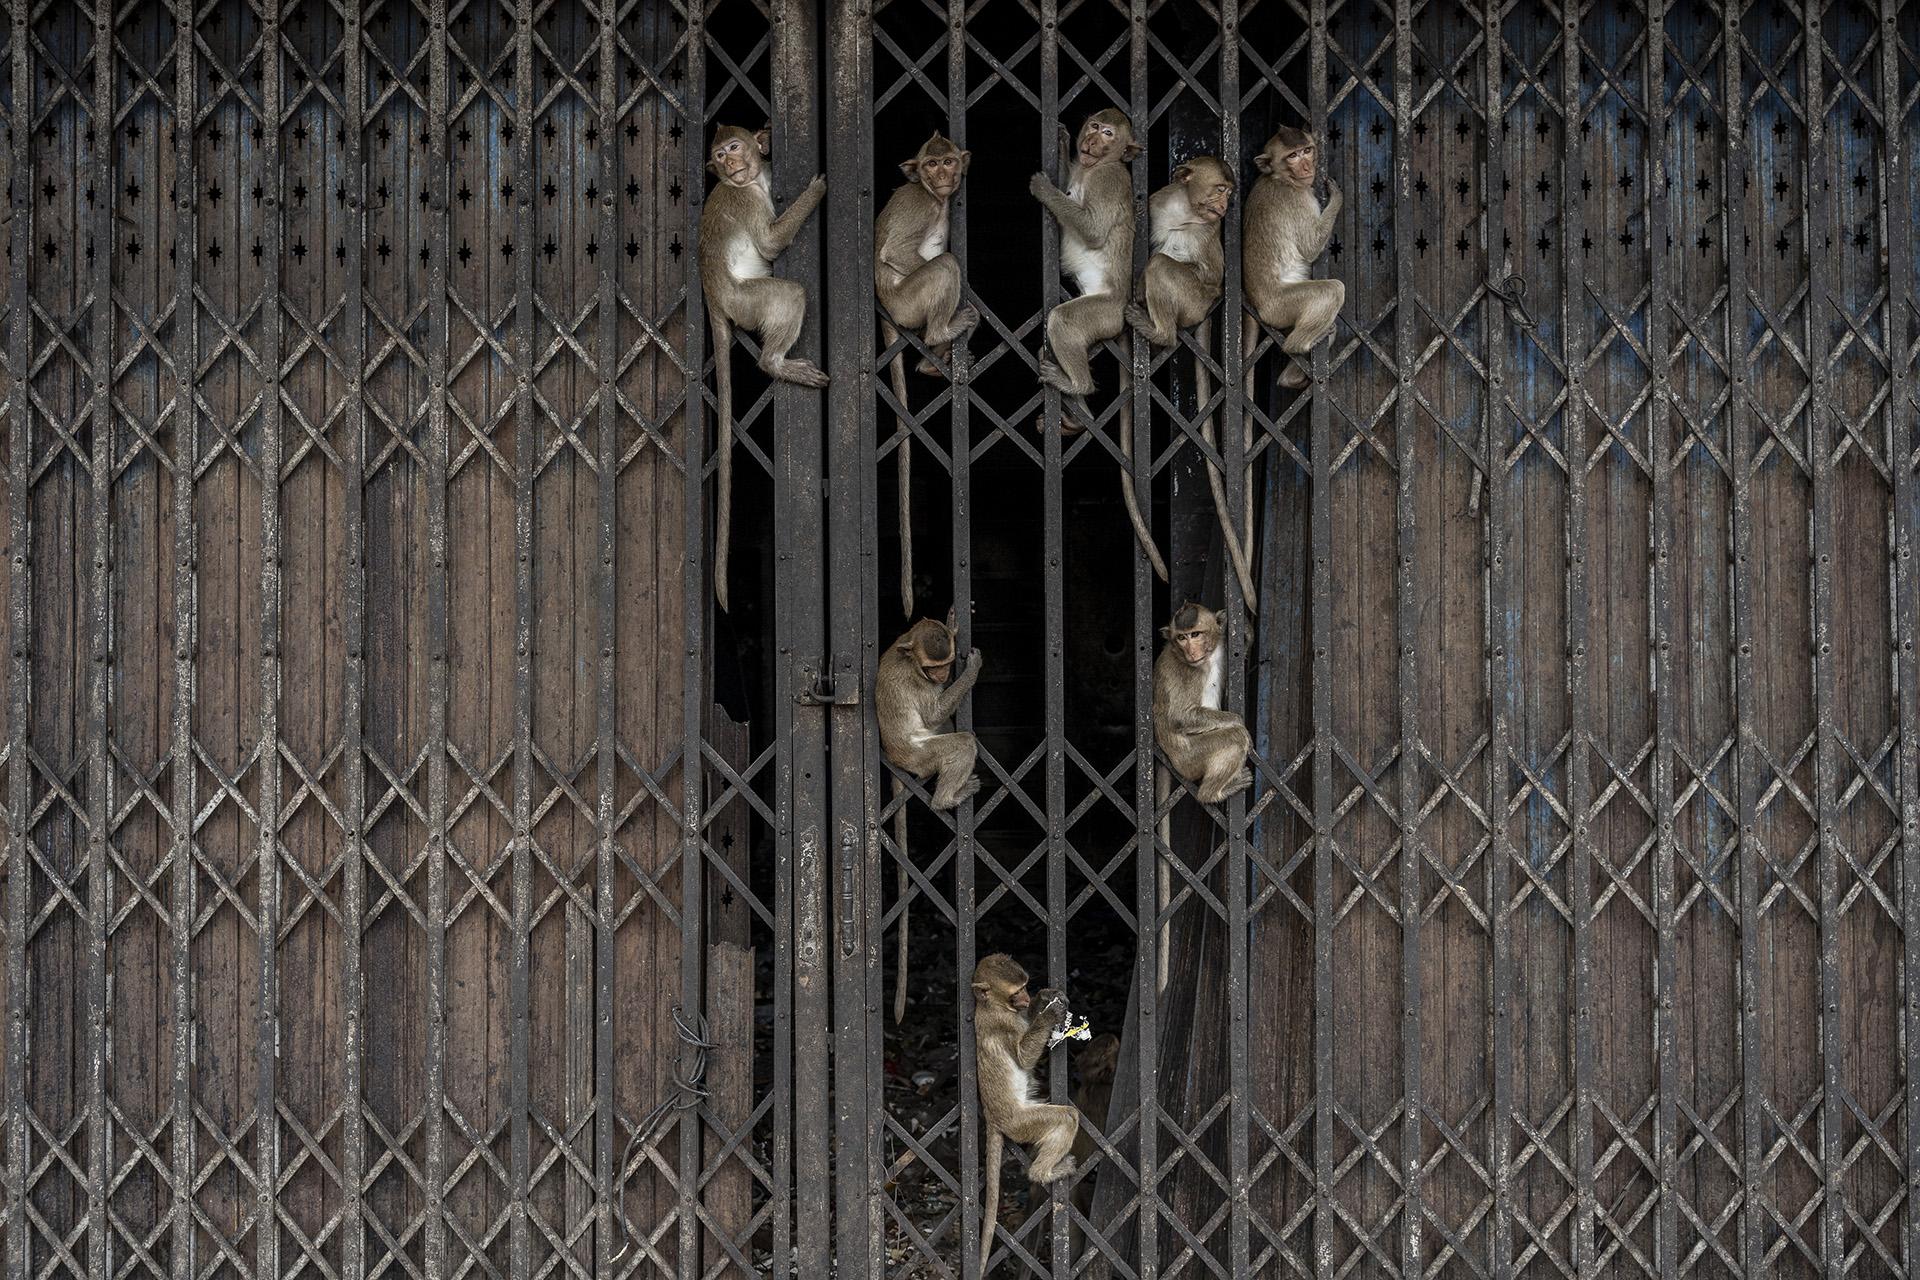 Monos aferrados a las rejas de un negocio de los muchos que decidieron cerrar por la invasión.